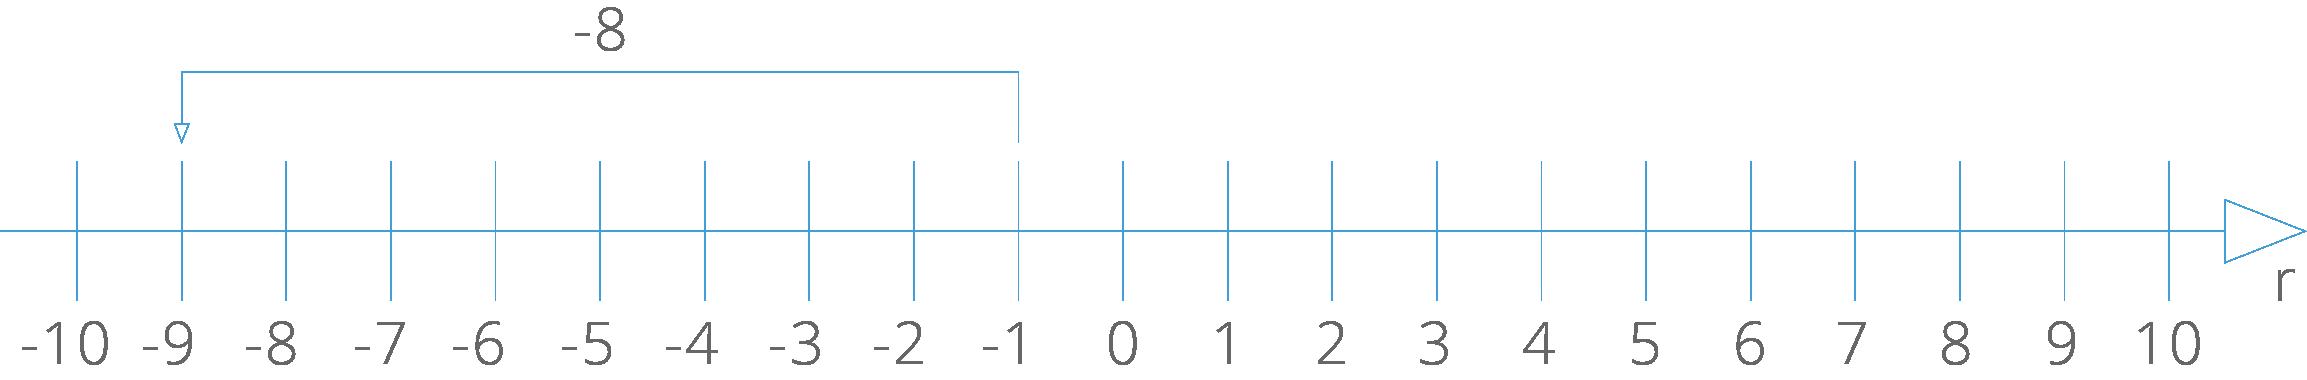 reta-numerada-05